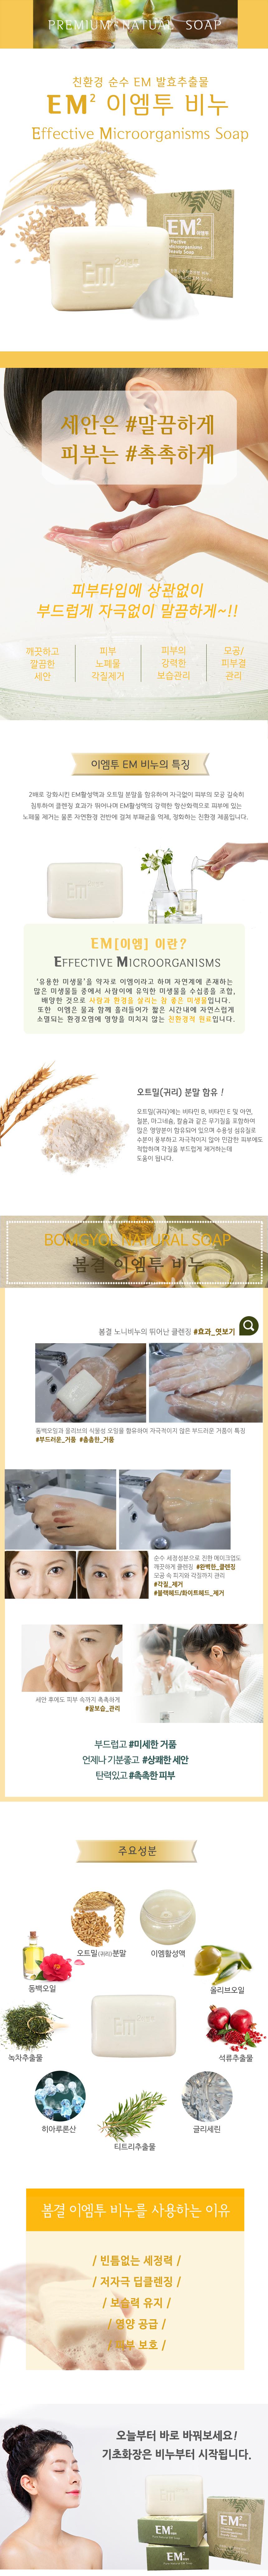 천연 EM비누 봄결 이엠투비누 5개/10개/20개 - 봄결, 8,500원, 클렌징, 비누